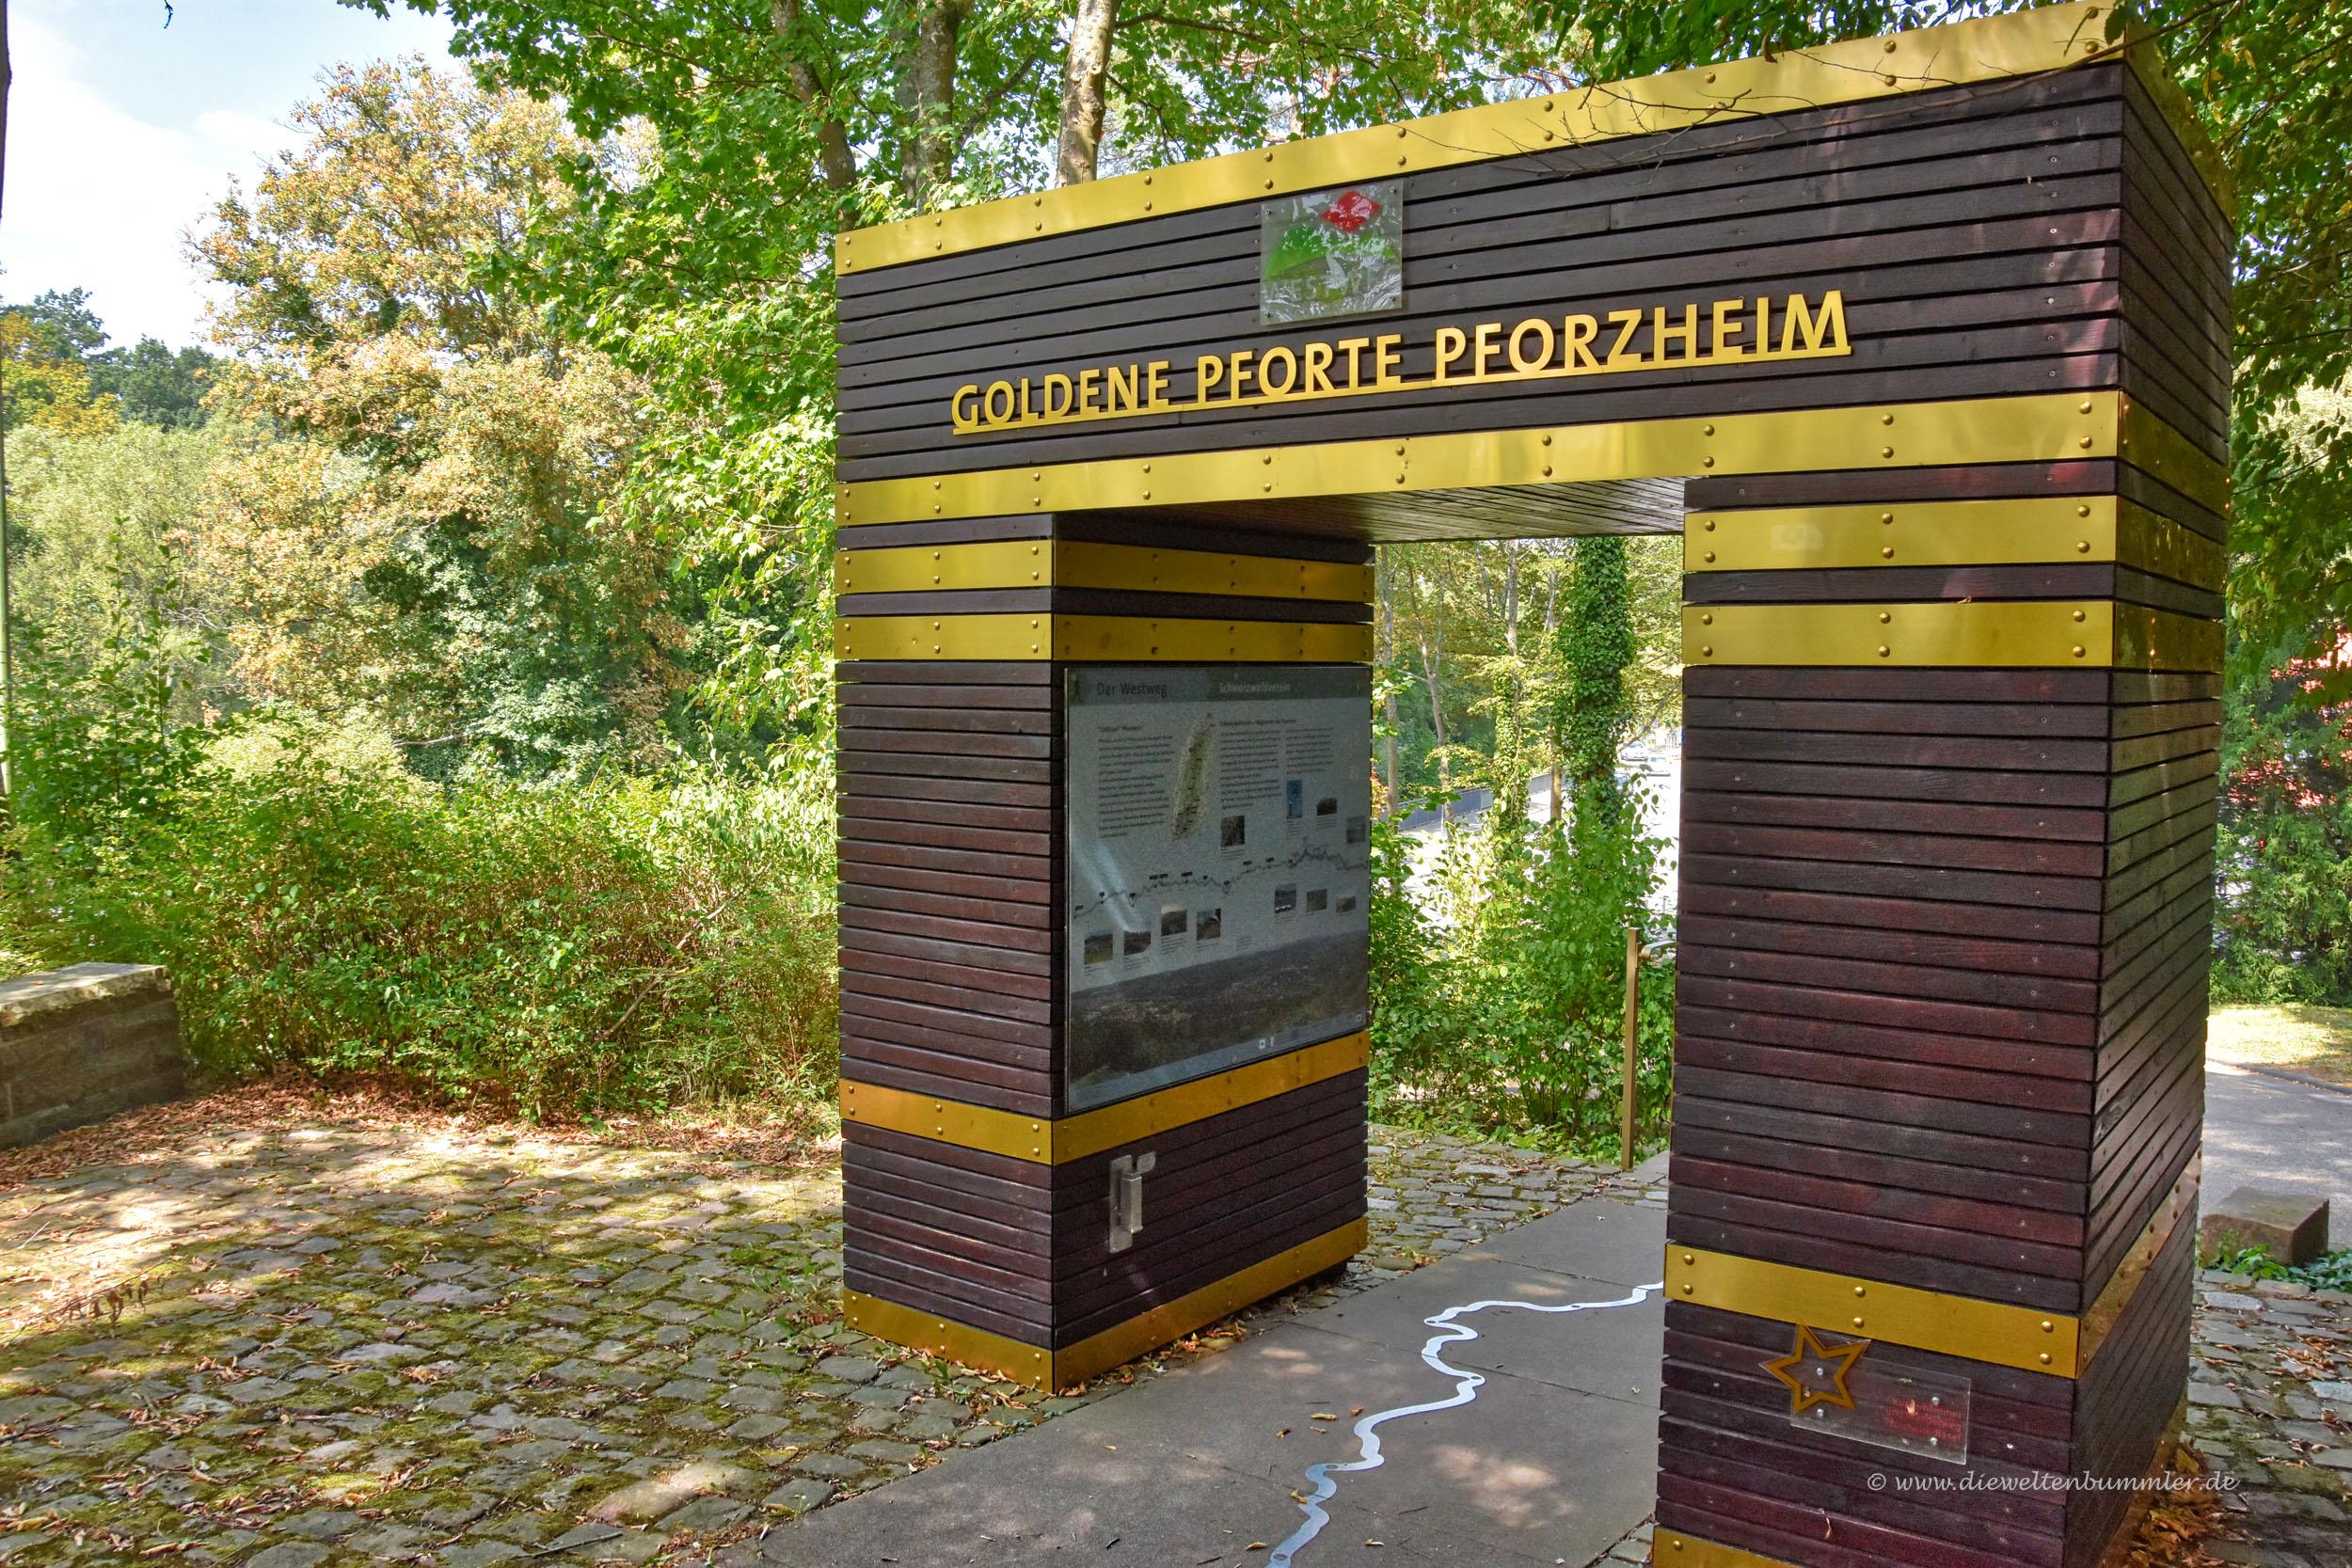 Goldene Pforte in Pforzheim